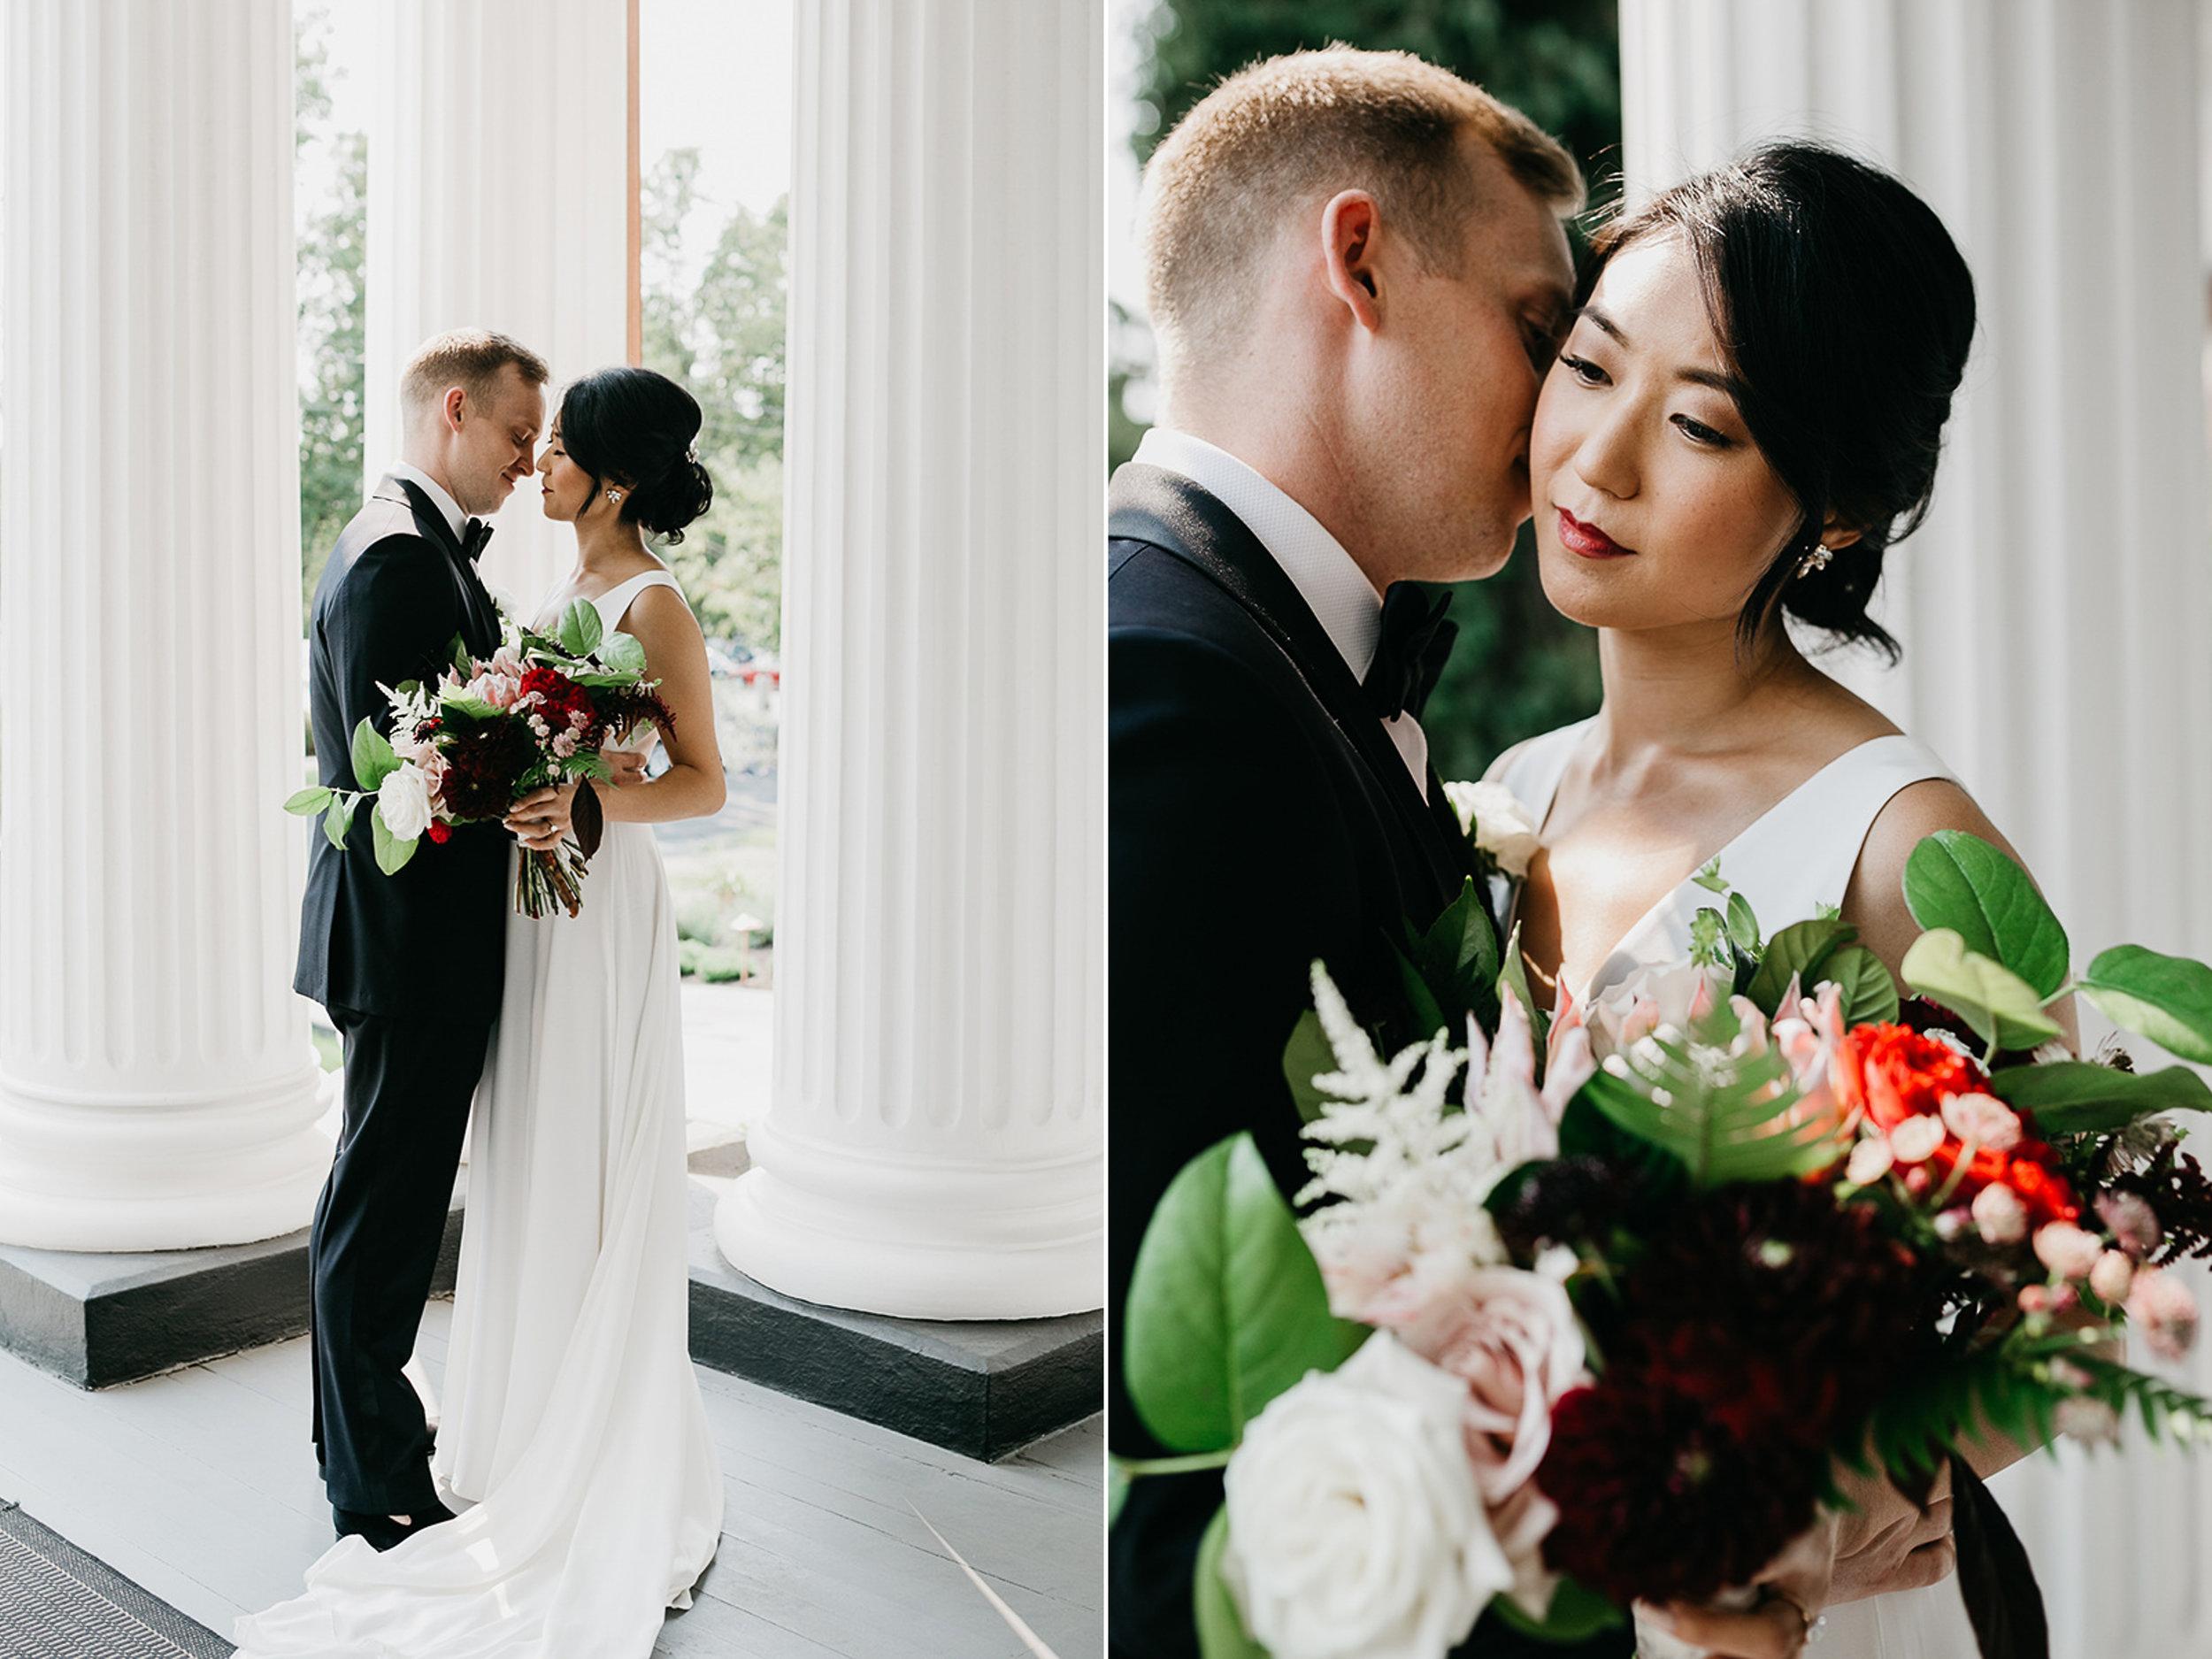 Walla walla - washington - wedding - photographer013.jpg